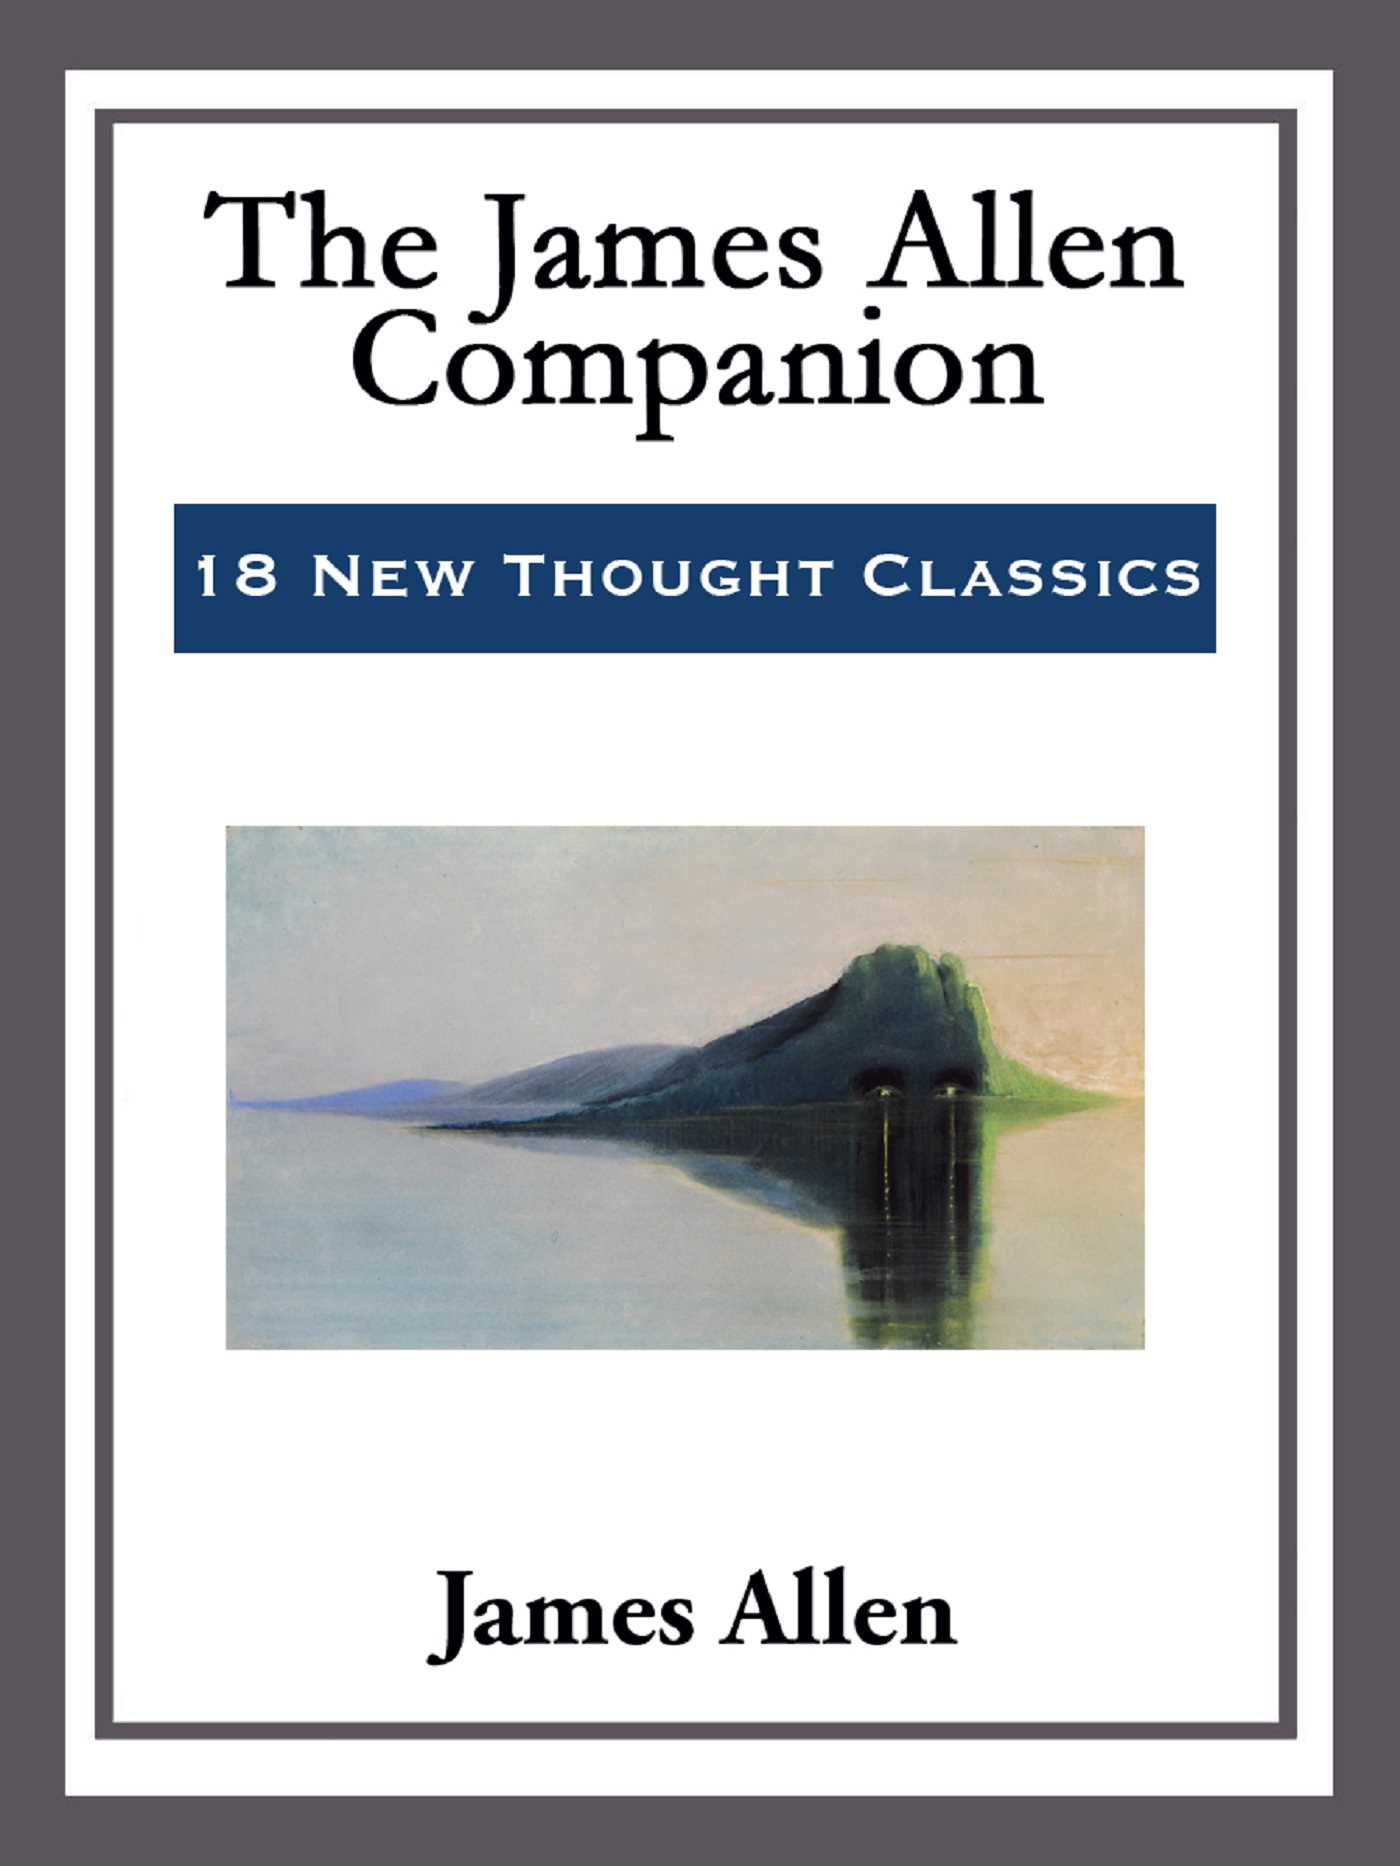 The james allen companion 9781682993576 hr